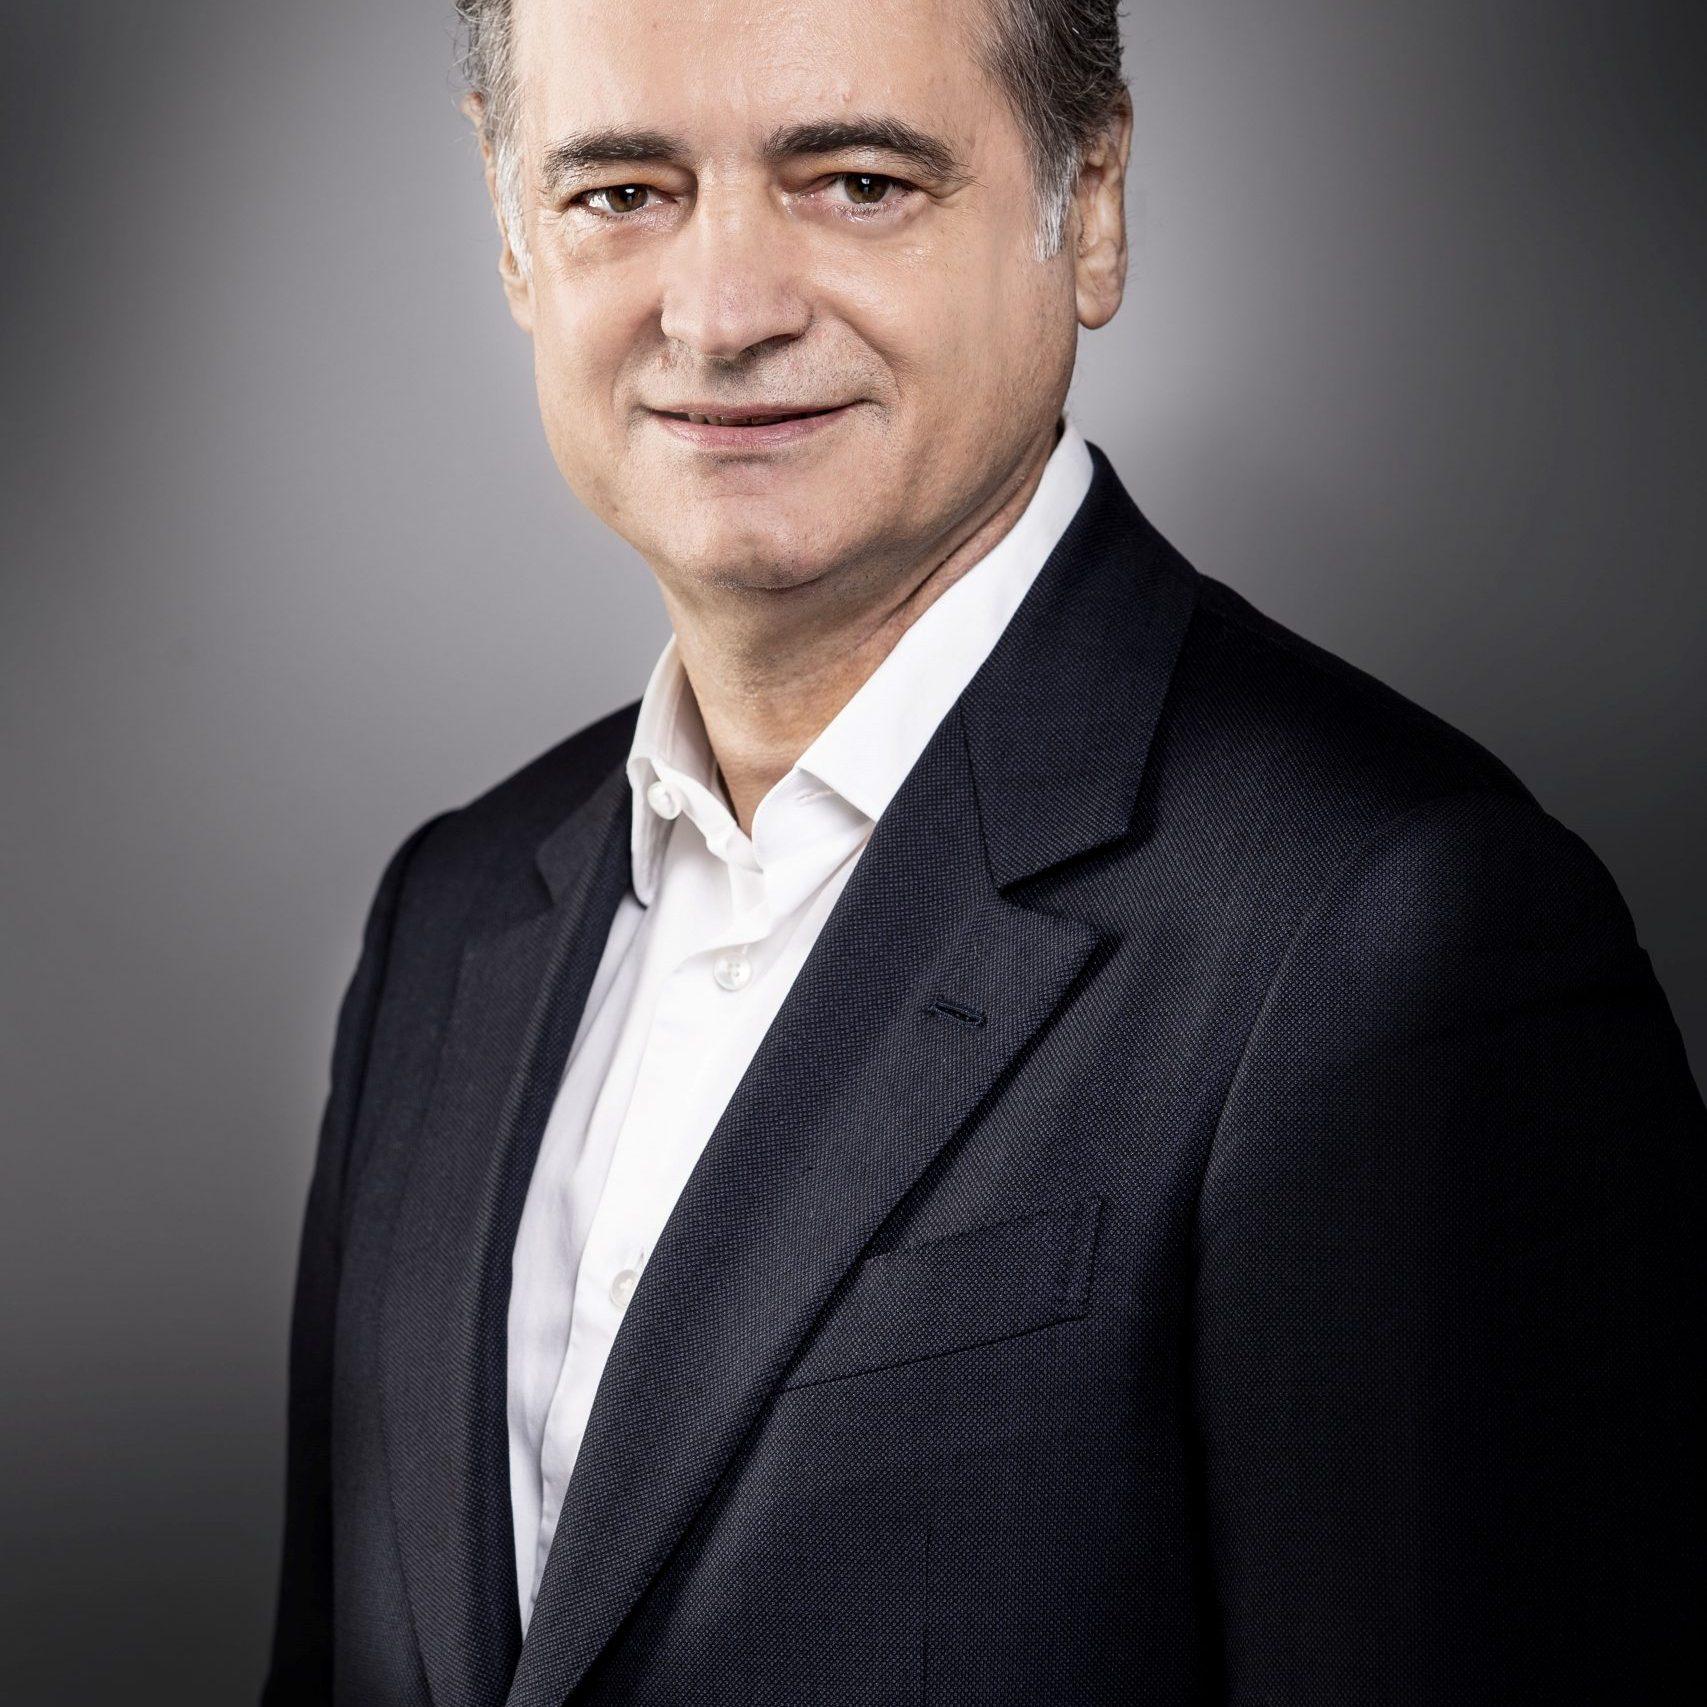 Pierre A